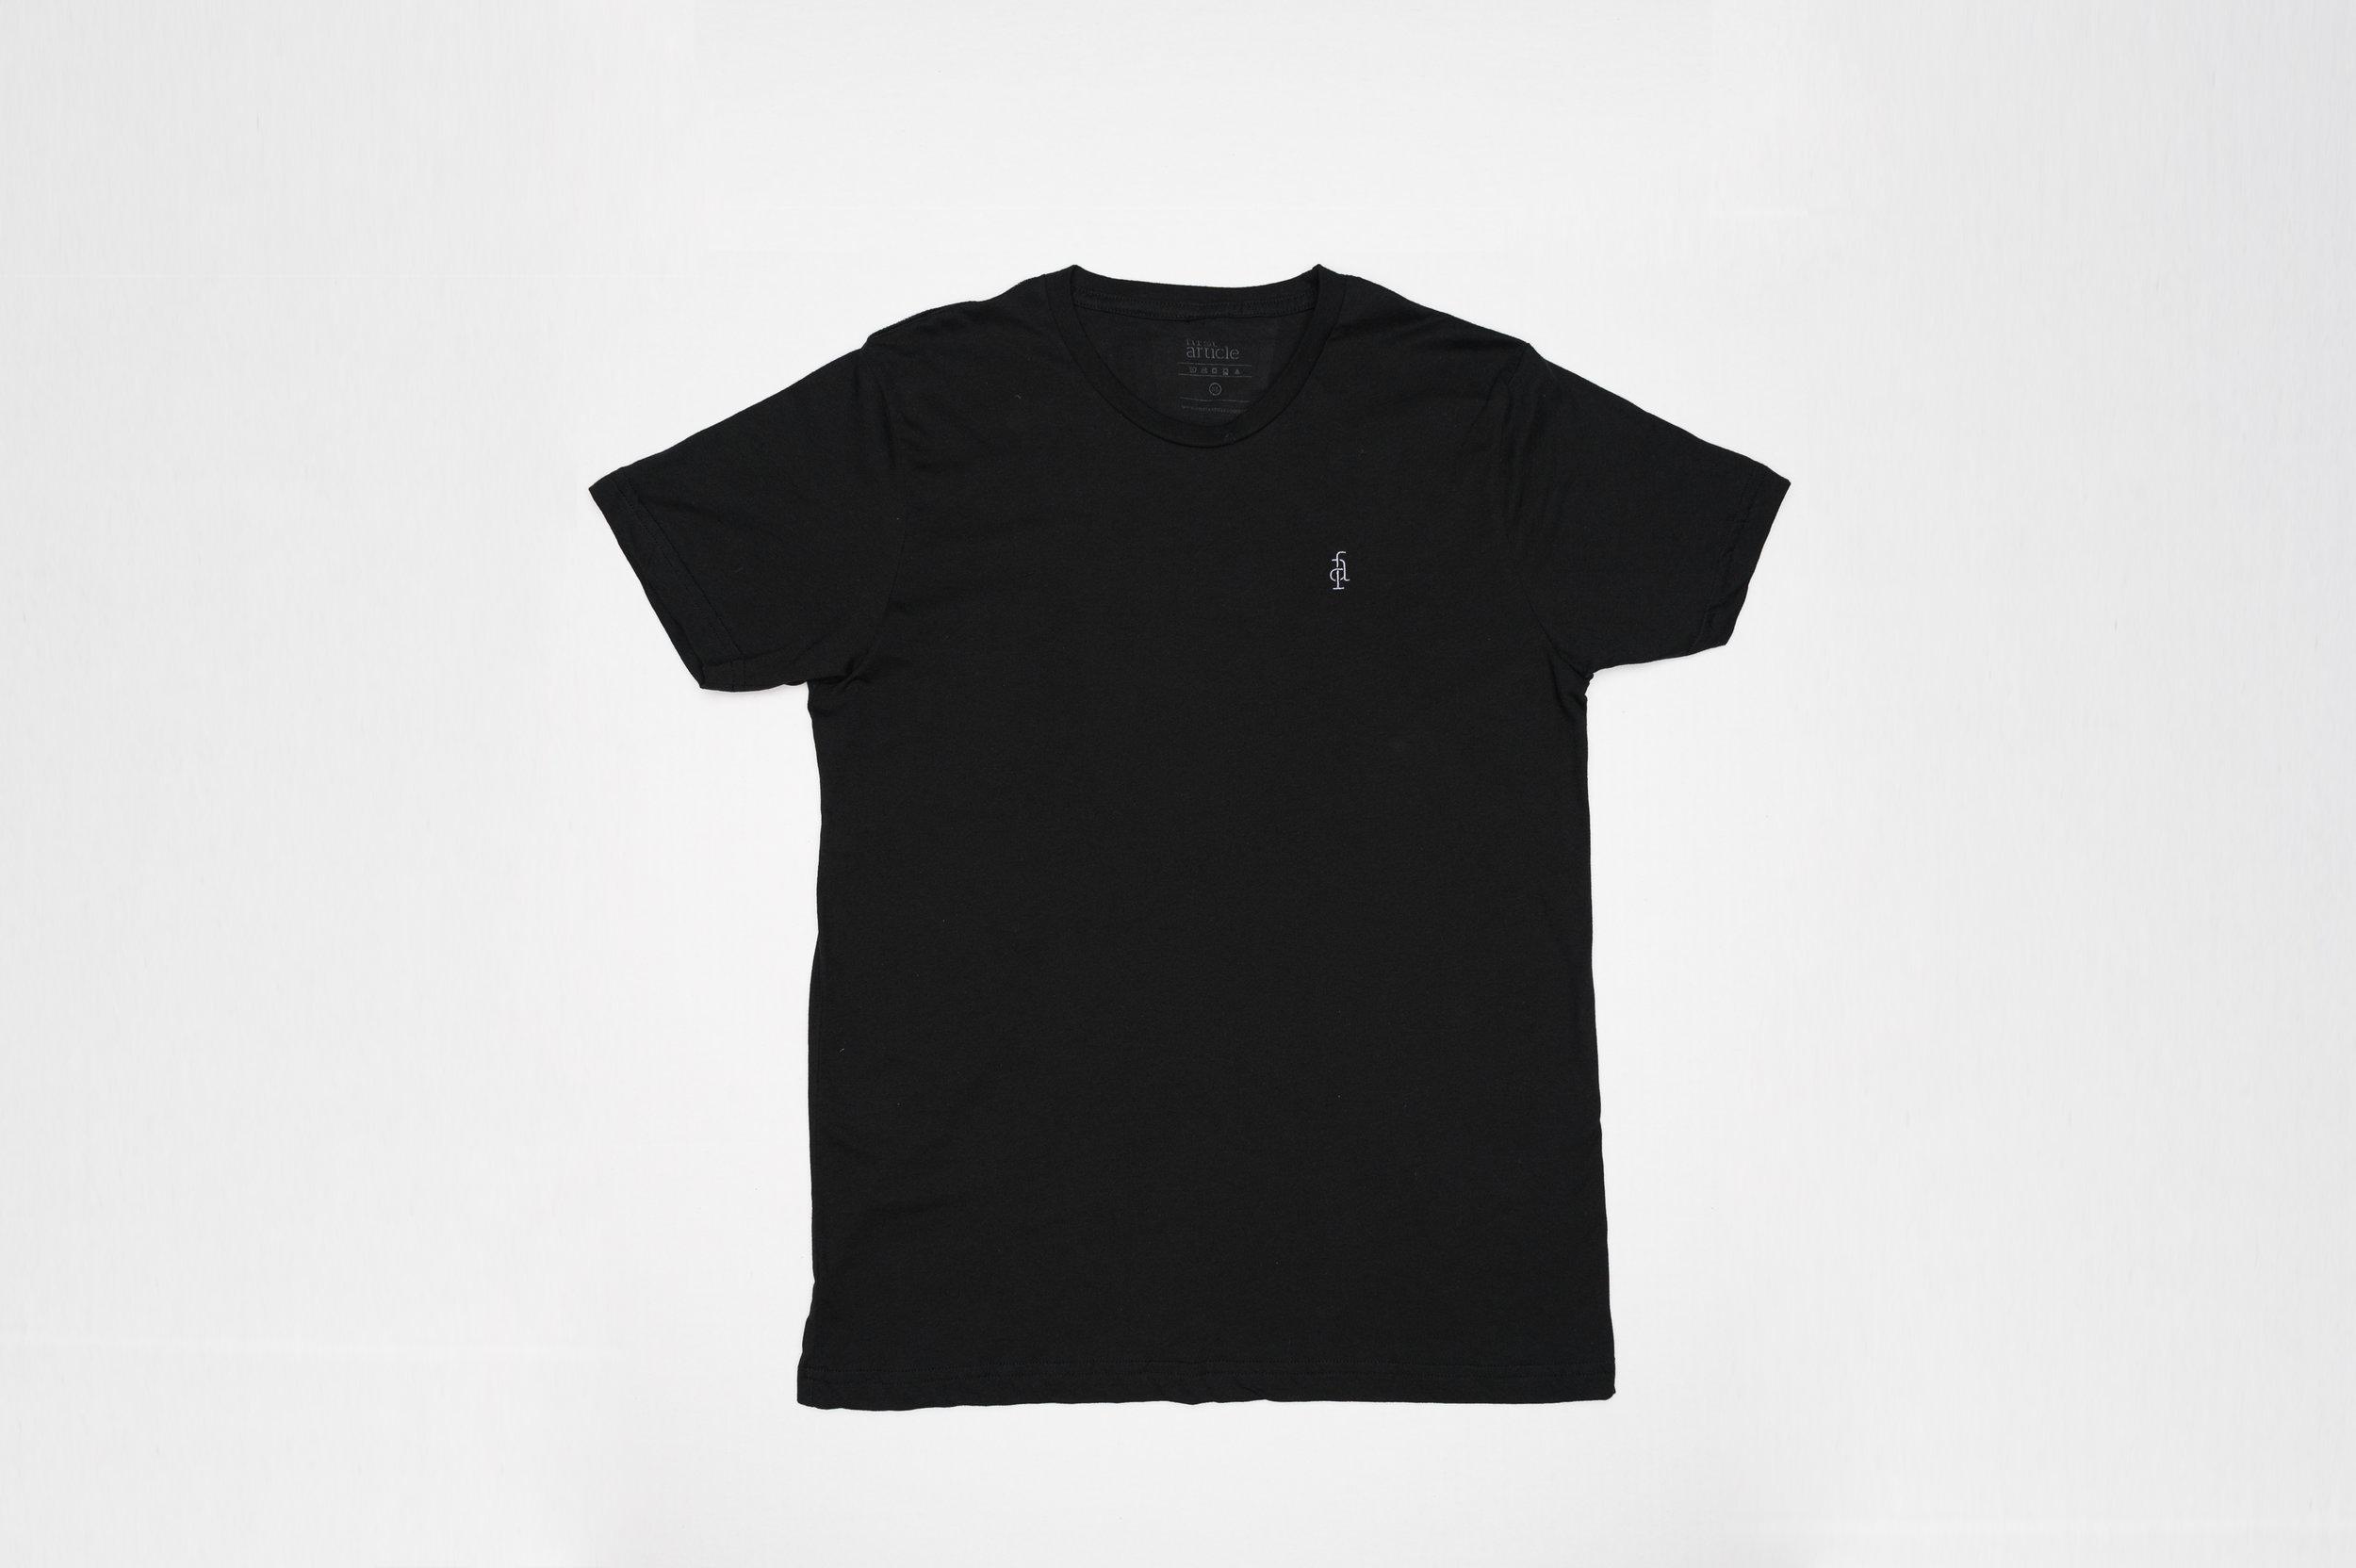 Black Embroidered Tee_1.jpg